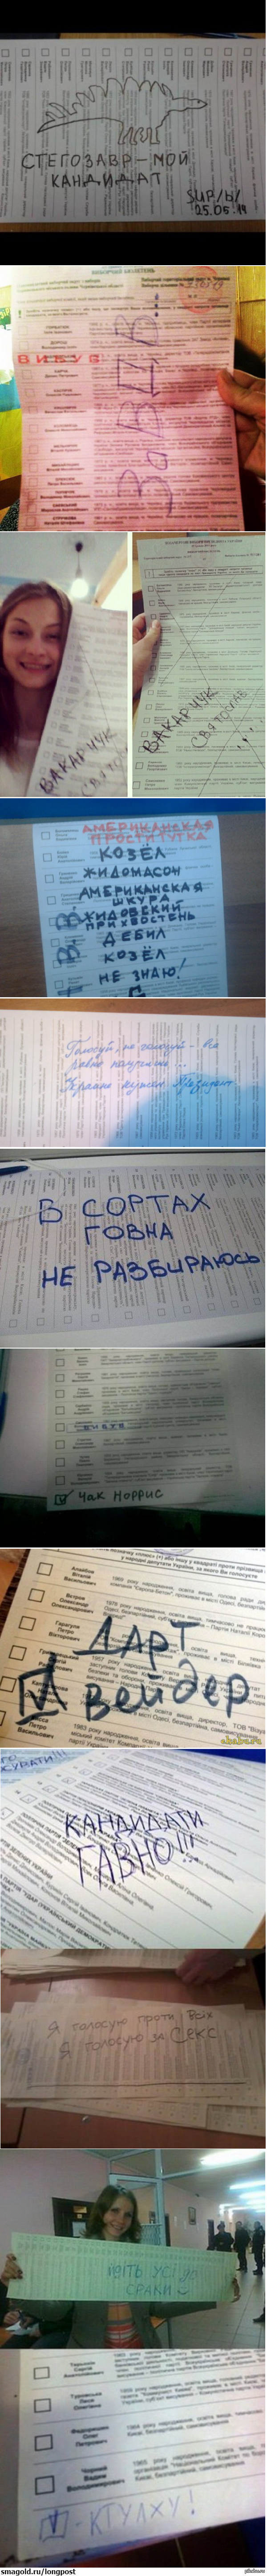 Выборы президента Украины: самые смешные бюллетени Позабиволо, решил поделиться. Похожих не найдено.  Сейчас майданофилы минусить бросятся).